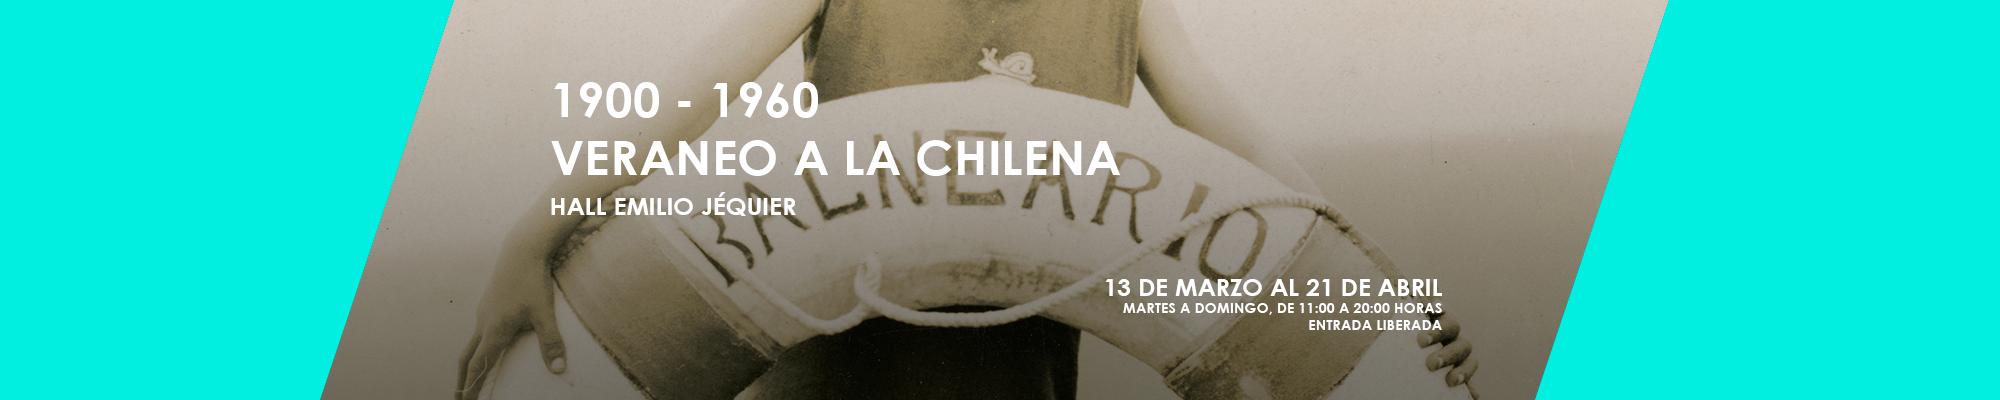 1900-1960, veraneo a la chilena